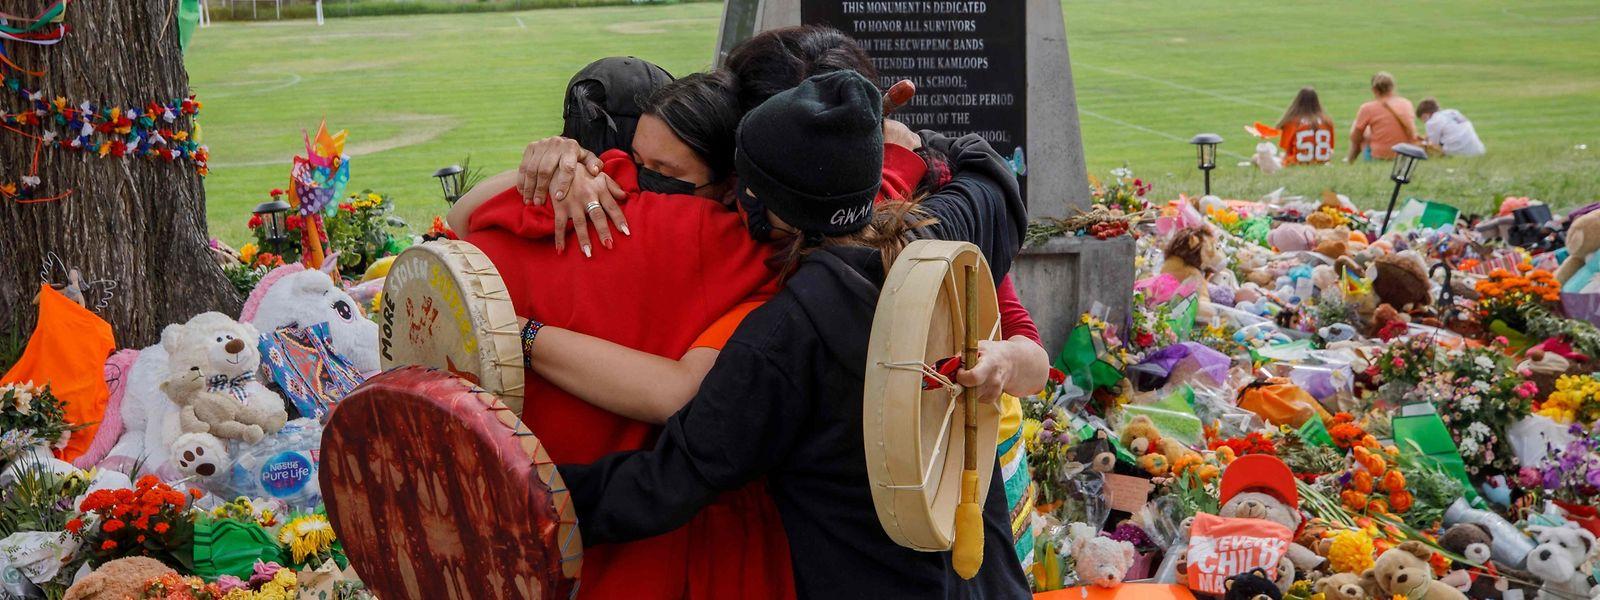 Ein Bild aus Kamloops in British Columbia, wo Ende Mai 215 tote Kinder auf dem Gelände eines ehemaligen katholischen Internats gefunden worden waren. Die neuen Funde liegen weiter östlich in der Provinz Saskatchewan.